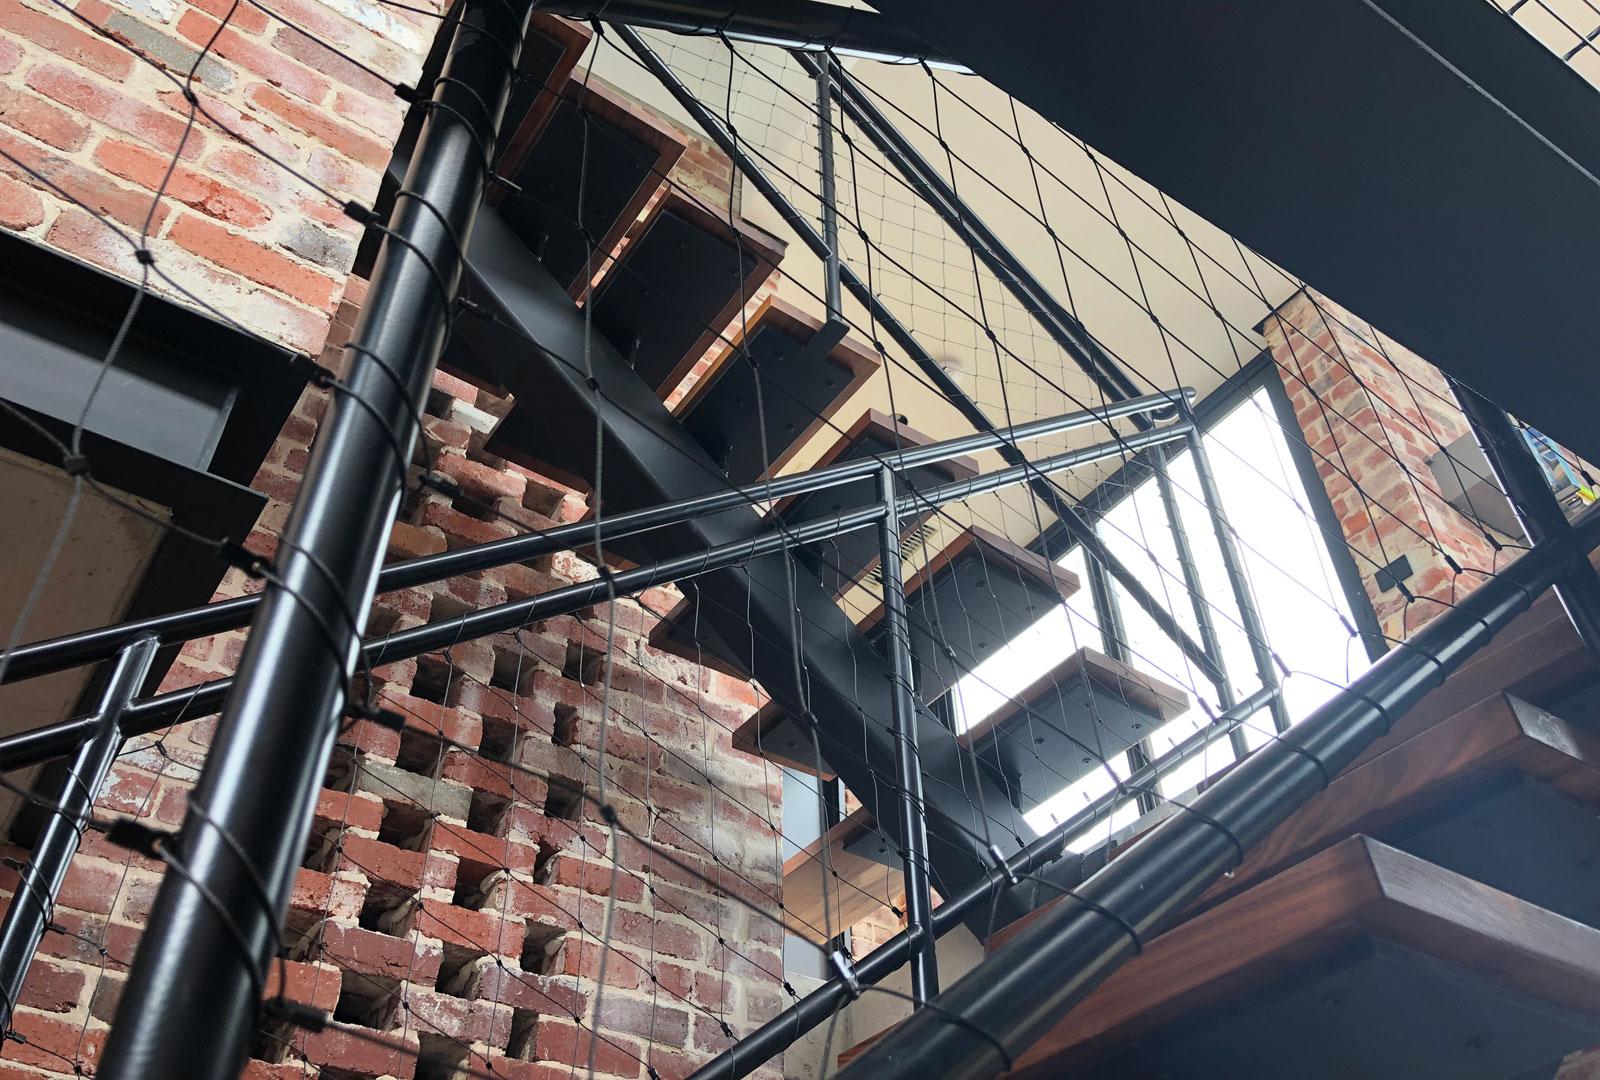 SC Residence Balustrades